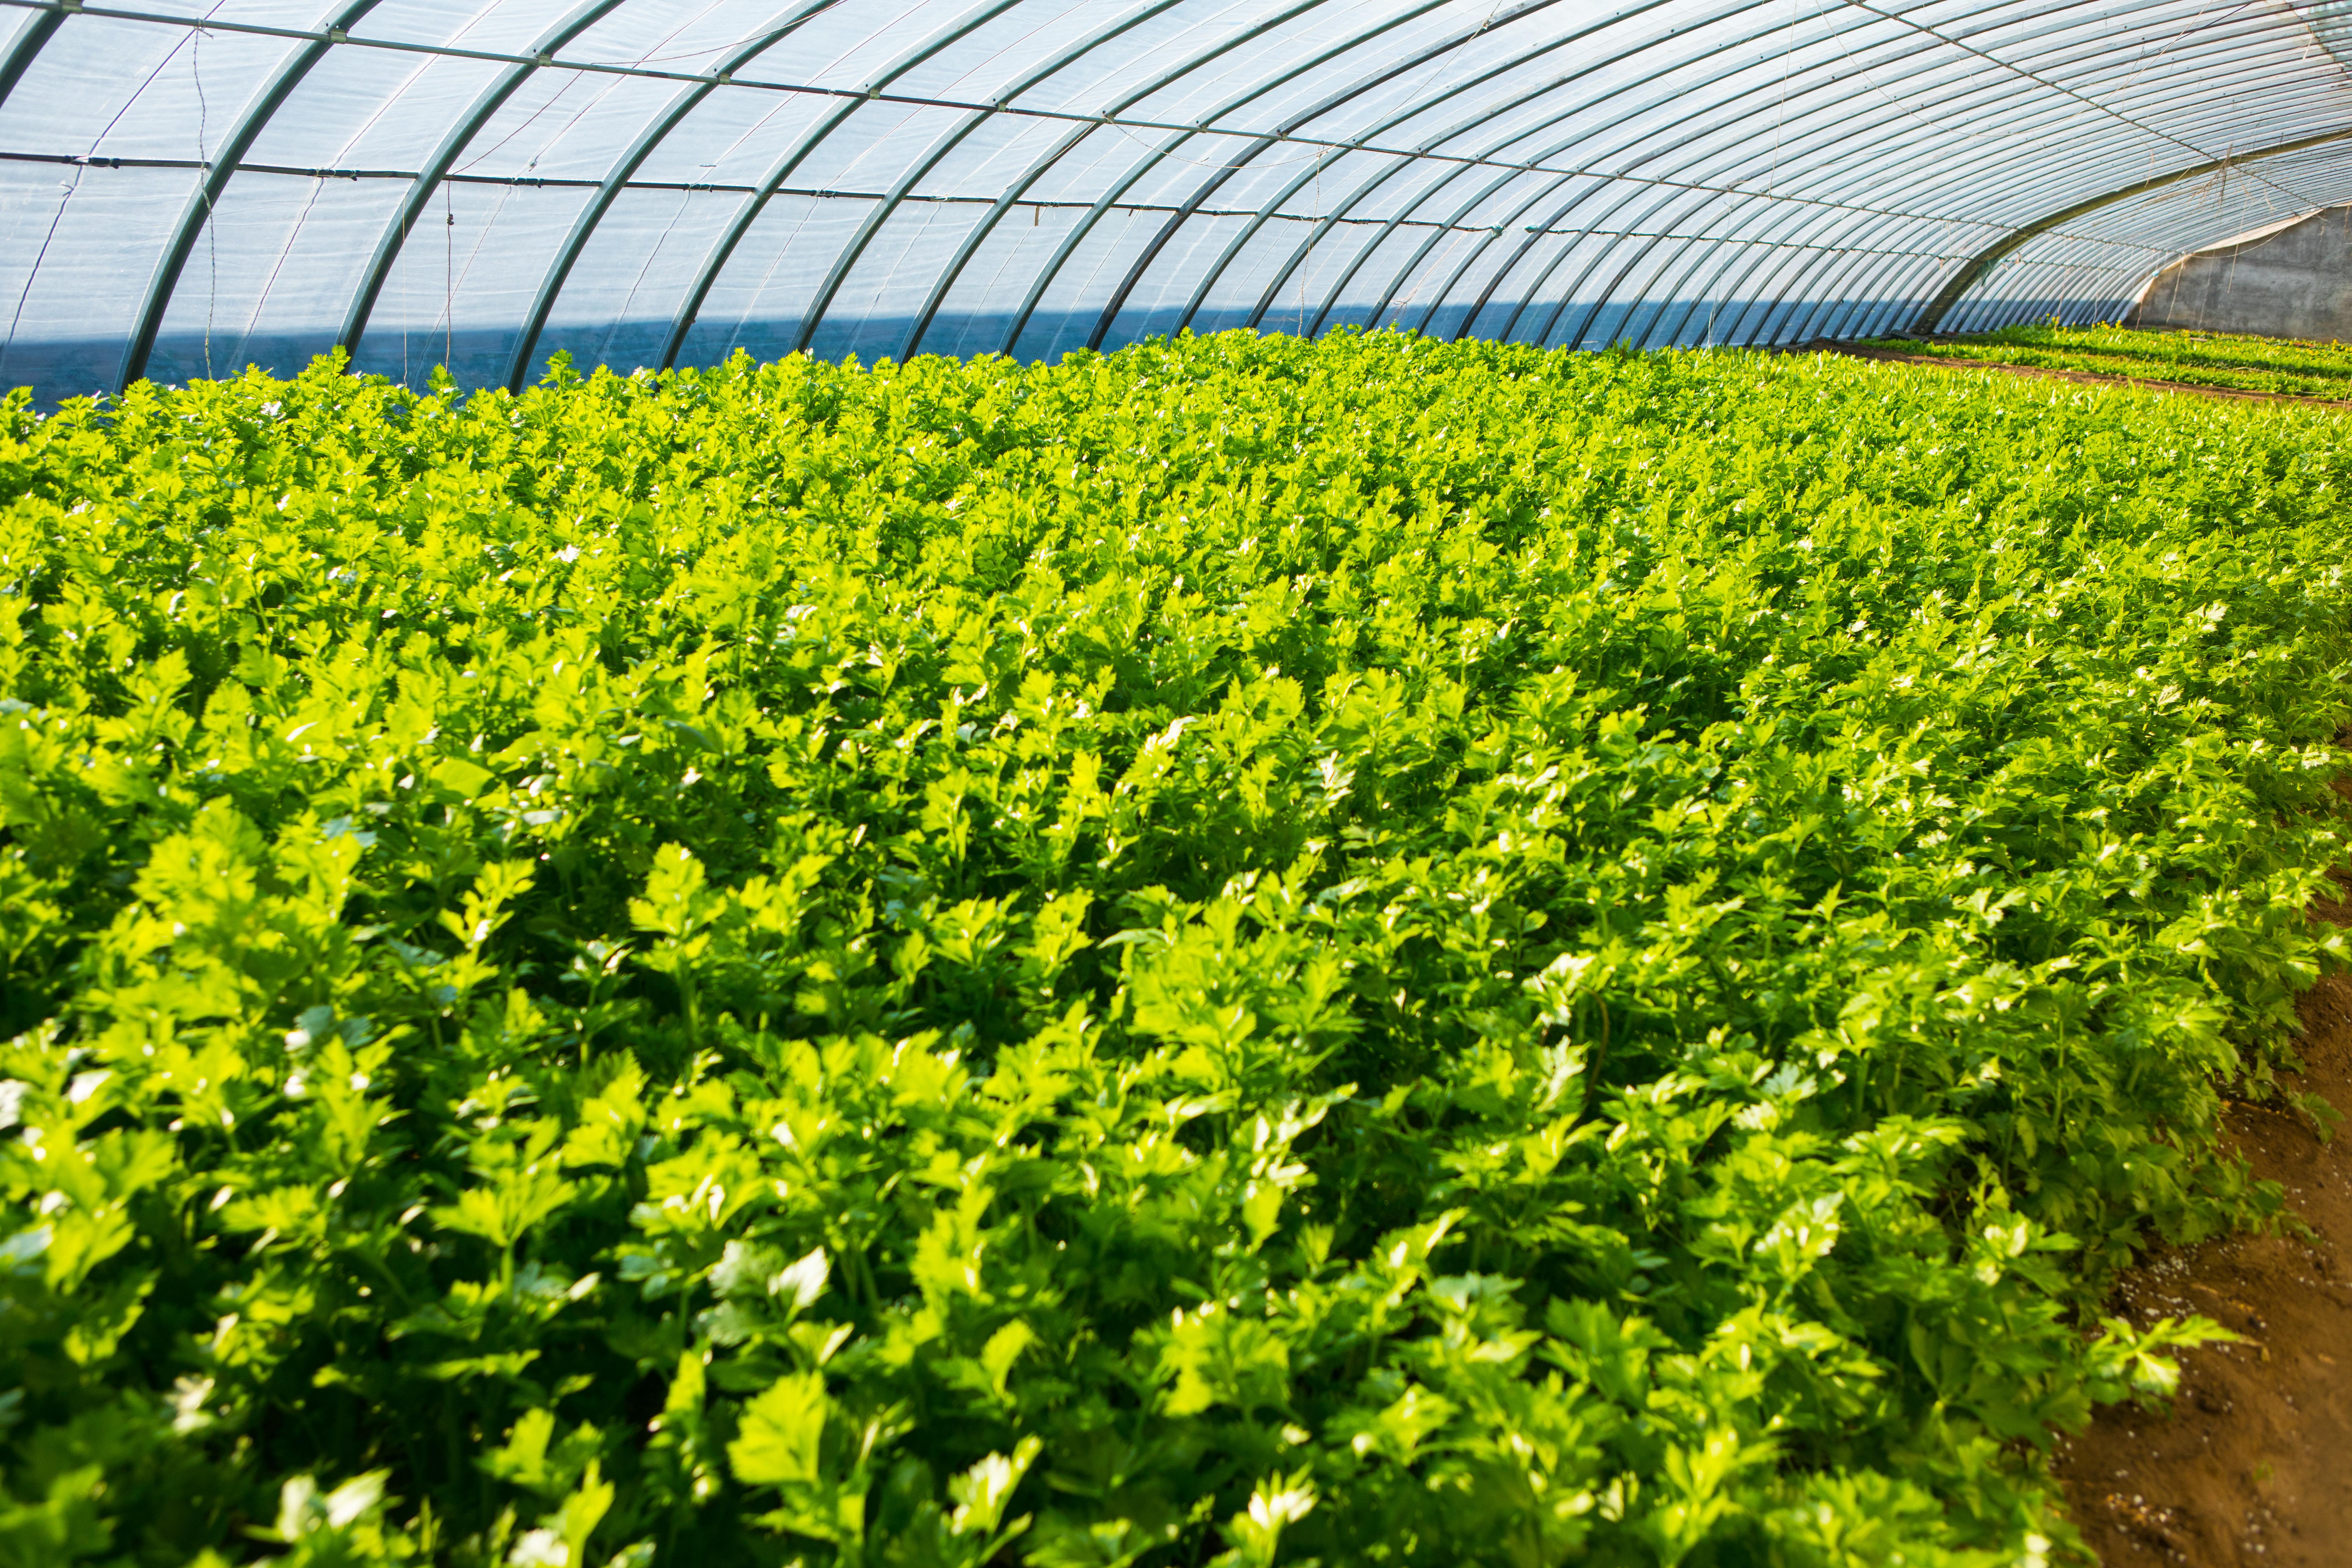 脱贫致富 巾帼先行|一芳田童趣农庄——科技带农致富